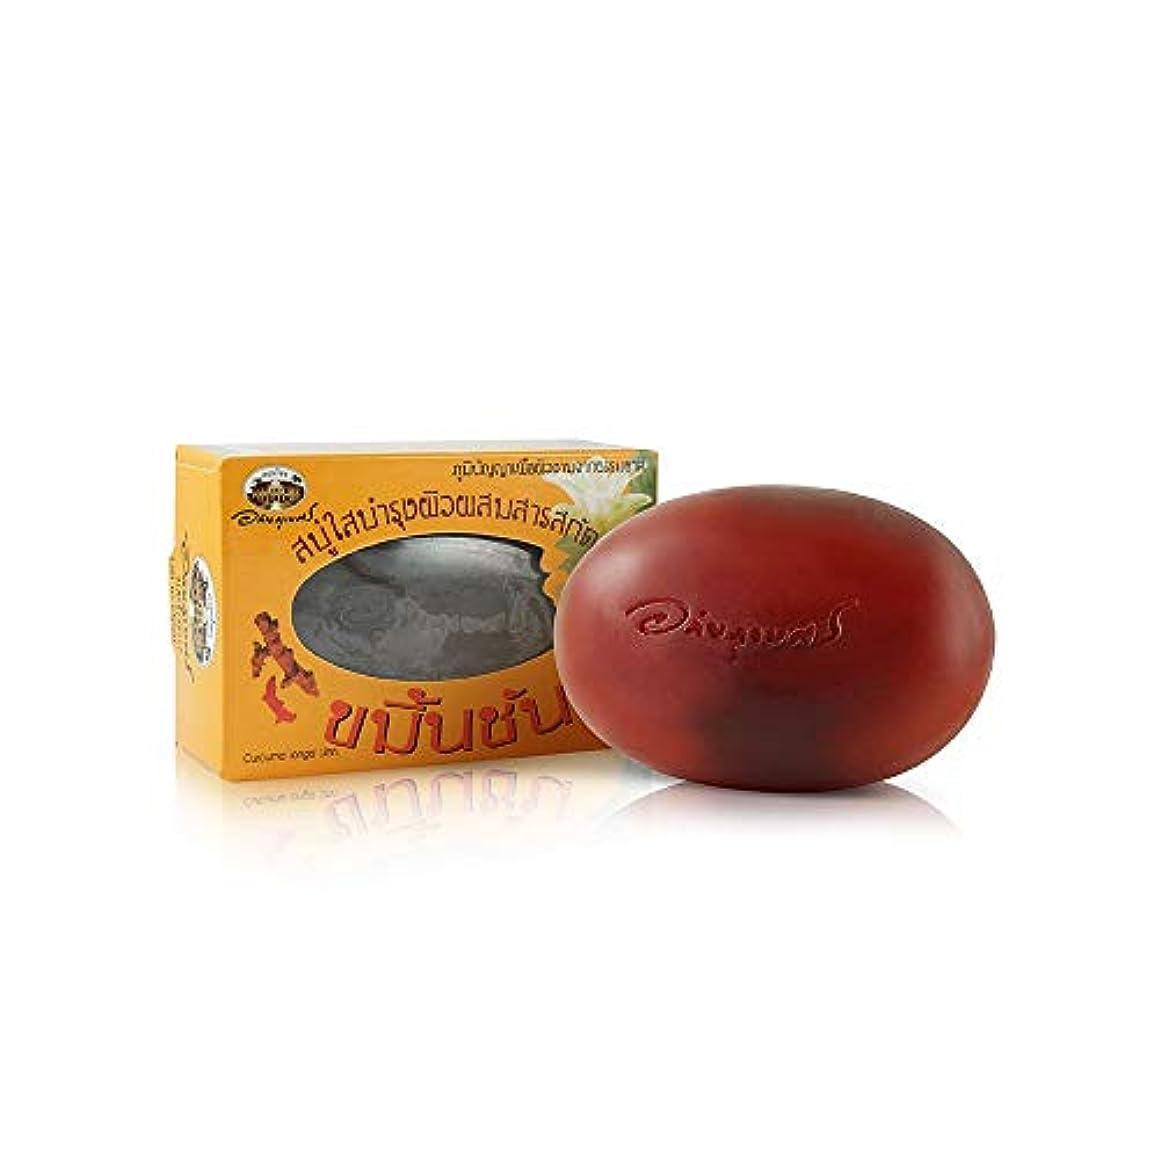 アーサーみなす家畜Abhaibhubejhr Turmeric Vitamin E Herbal Body Cleansing Soap 100g. Abhaibhubejhrターメリックハーブボディクレンジングソープ100グラム。